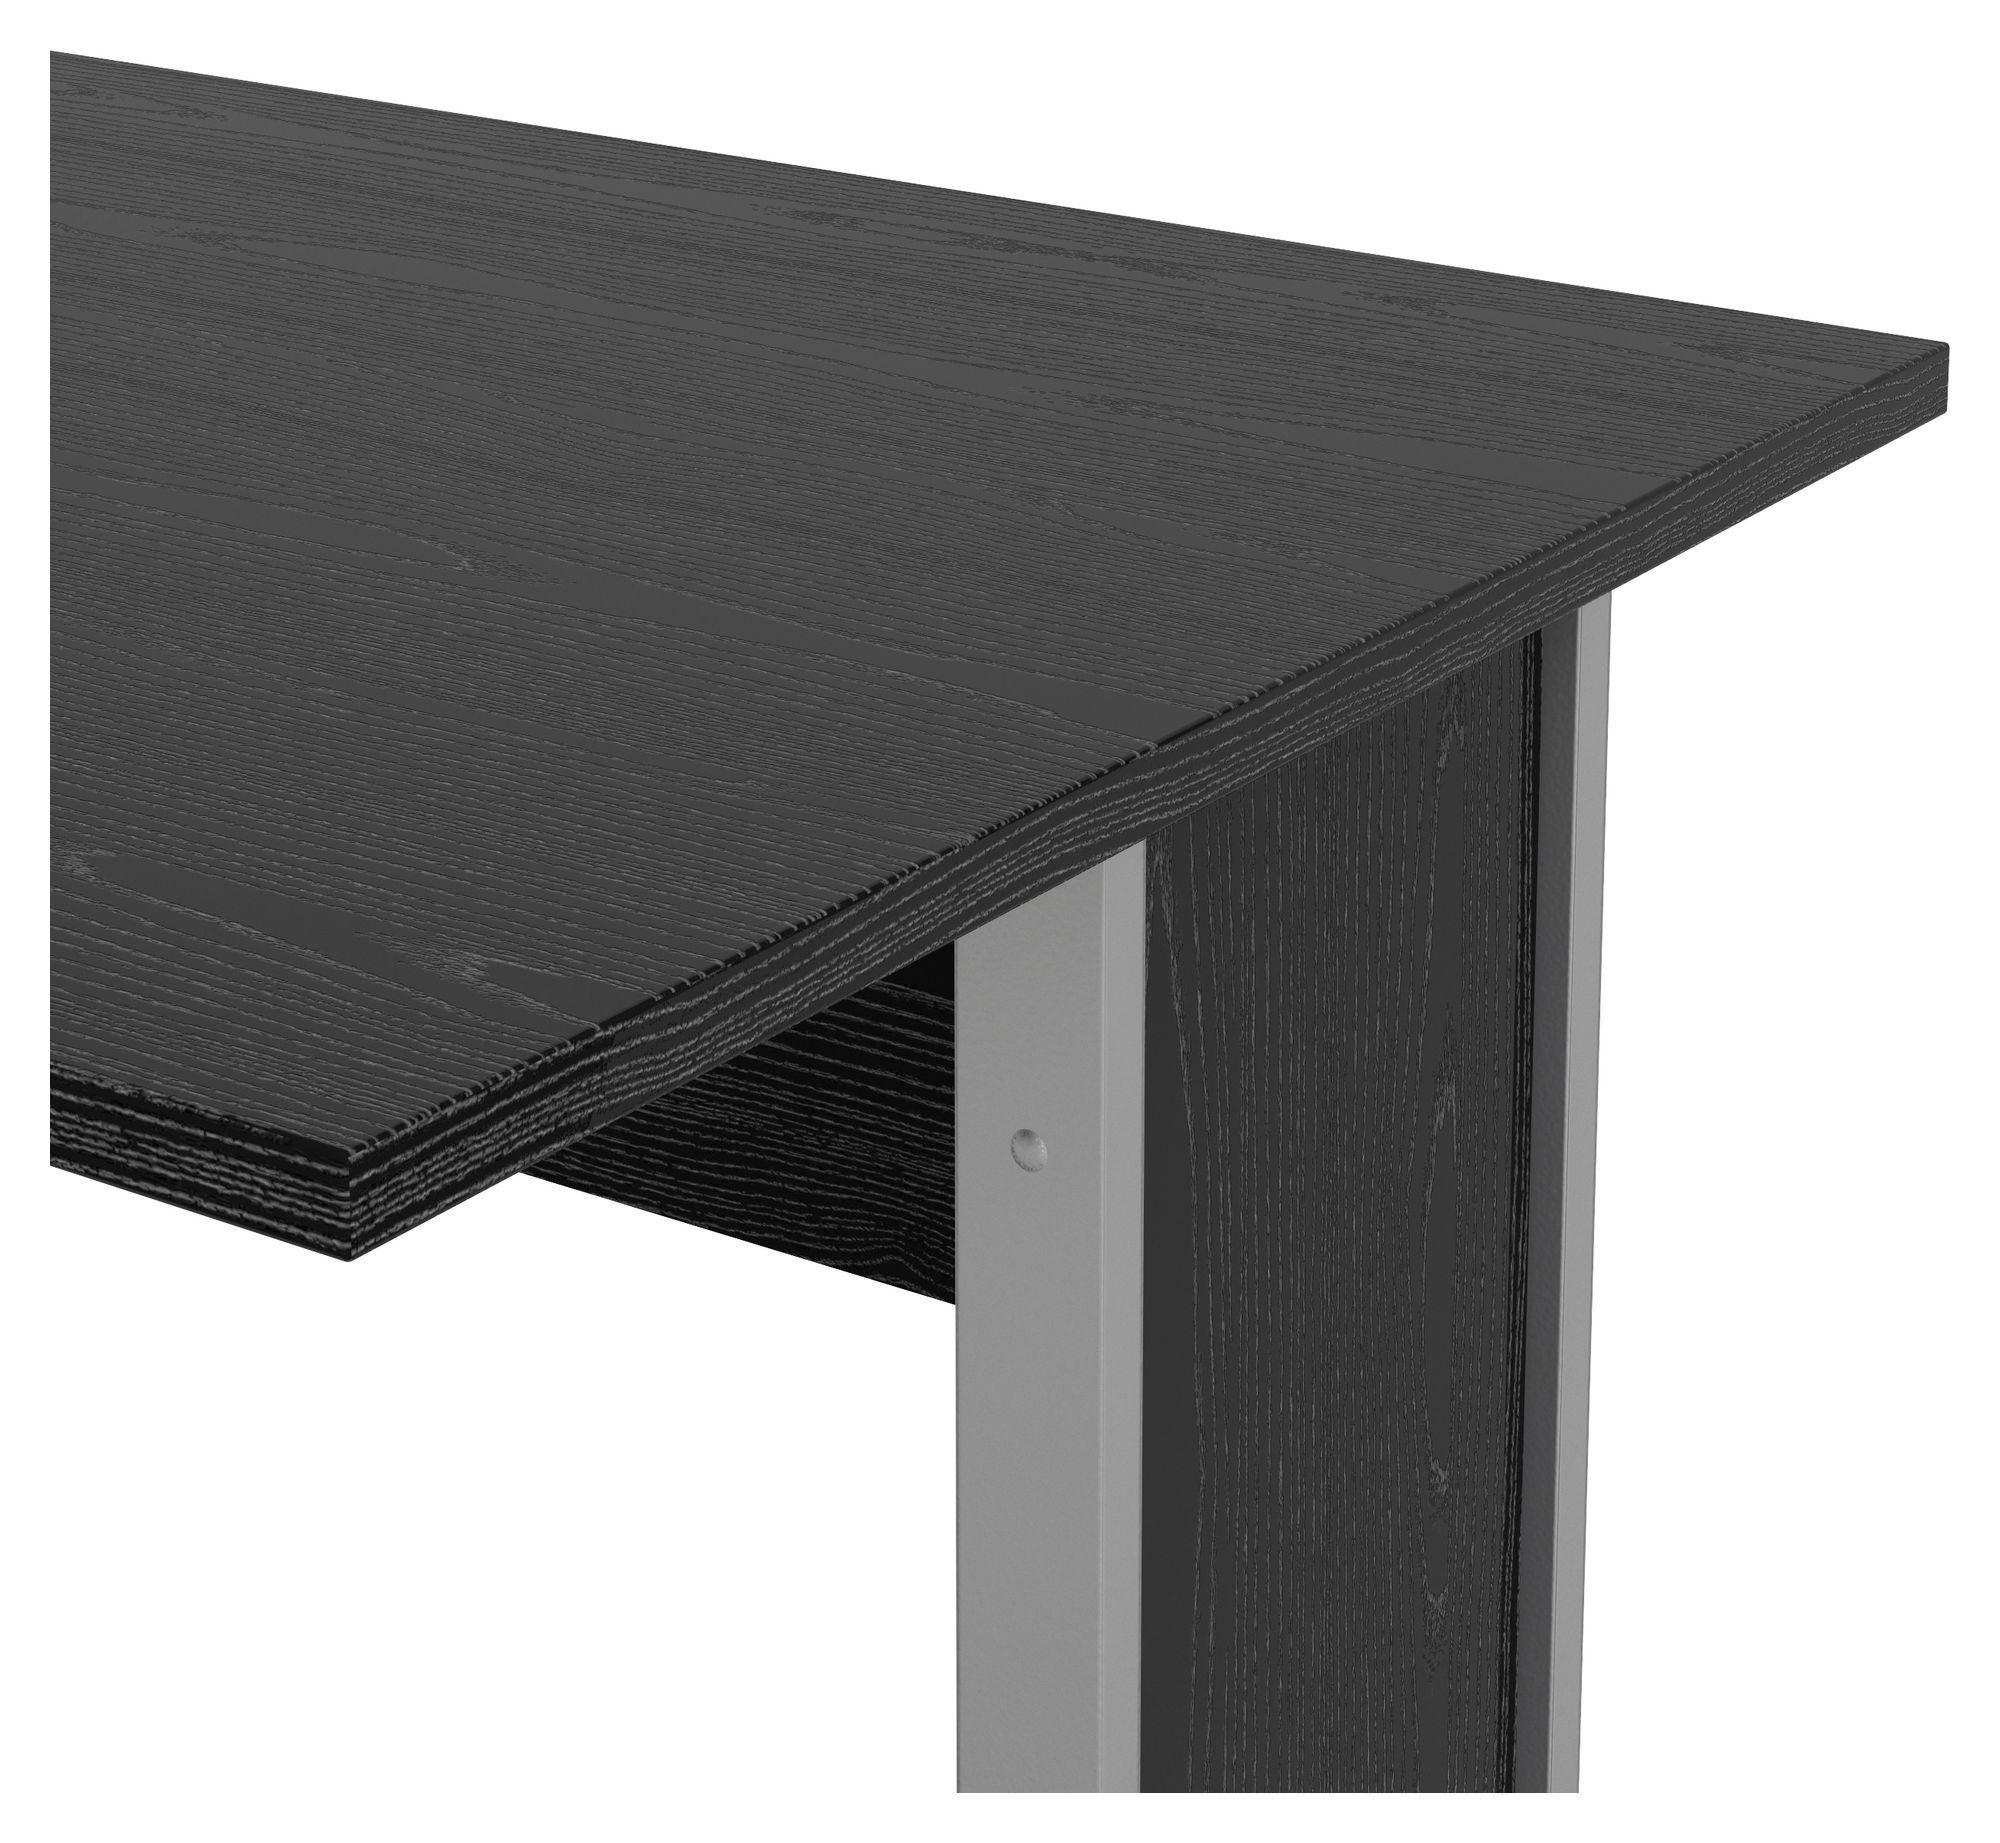 Prima Skrivebord - Sort 150cm - Skrivebord i sort ask m. sølvgrå stål - 150 cm